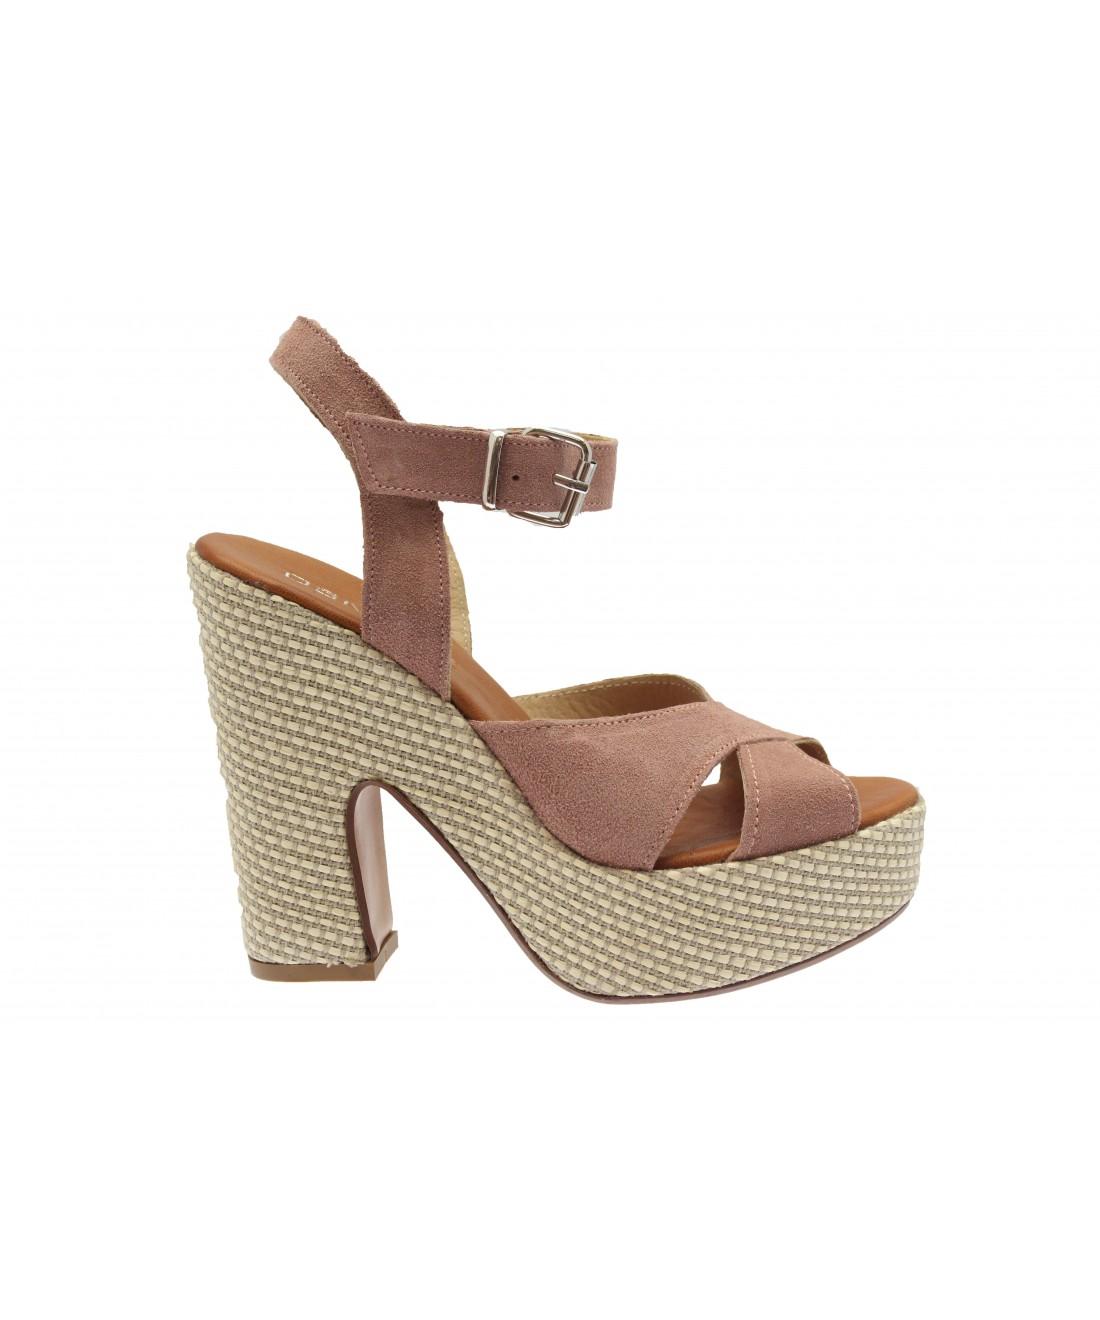 Osmose Rose Shoes Daim Gourmandise ParisSandale Nouvelle Compensée Y7Ibyfg6vm